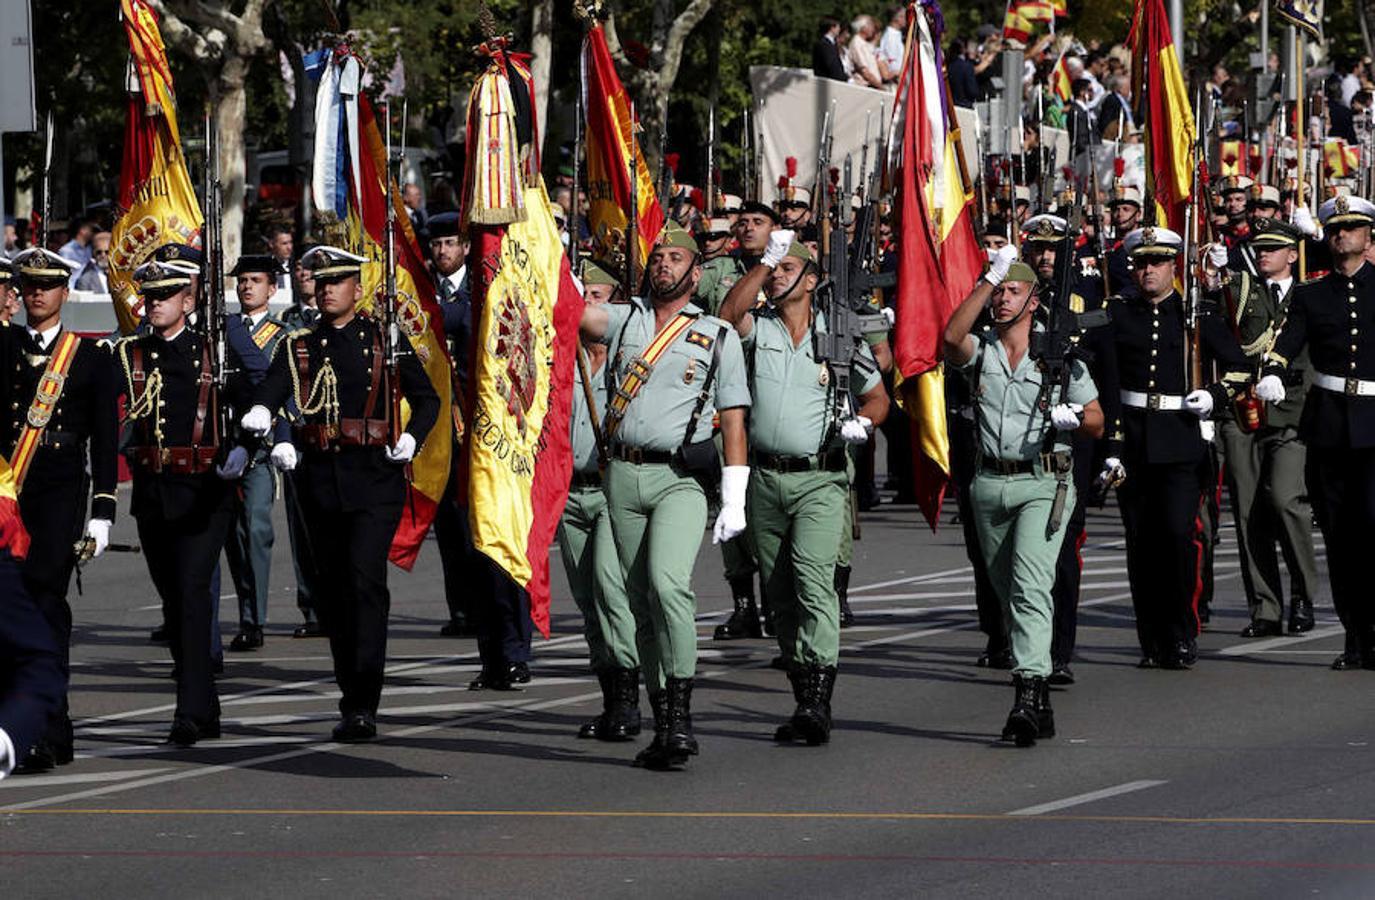 Desfile del Día de la Fiesta Nacional que han presidido hoy los Reyes, y al que ha asistido el Gobierno en pleno, encabezado por Mariano Rajoy, y la mayoría de líderes políticos (EFE)